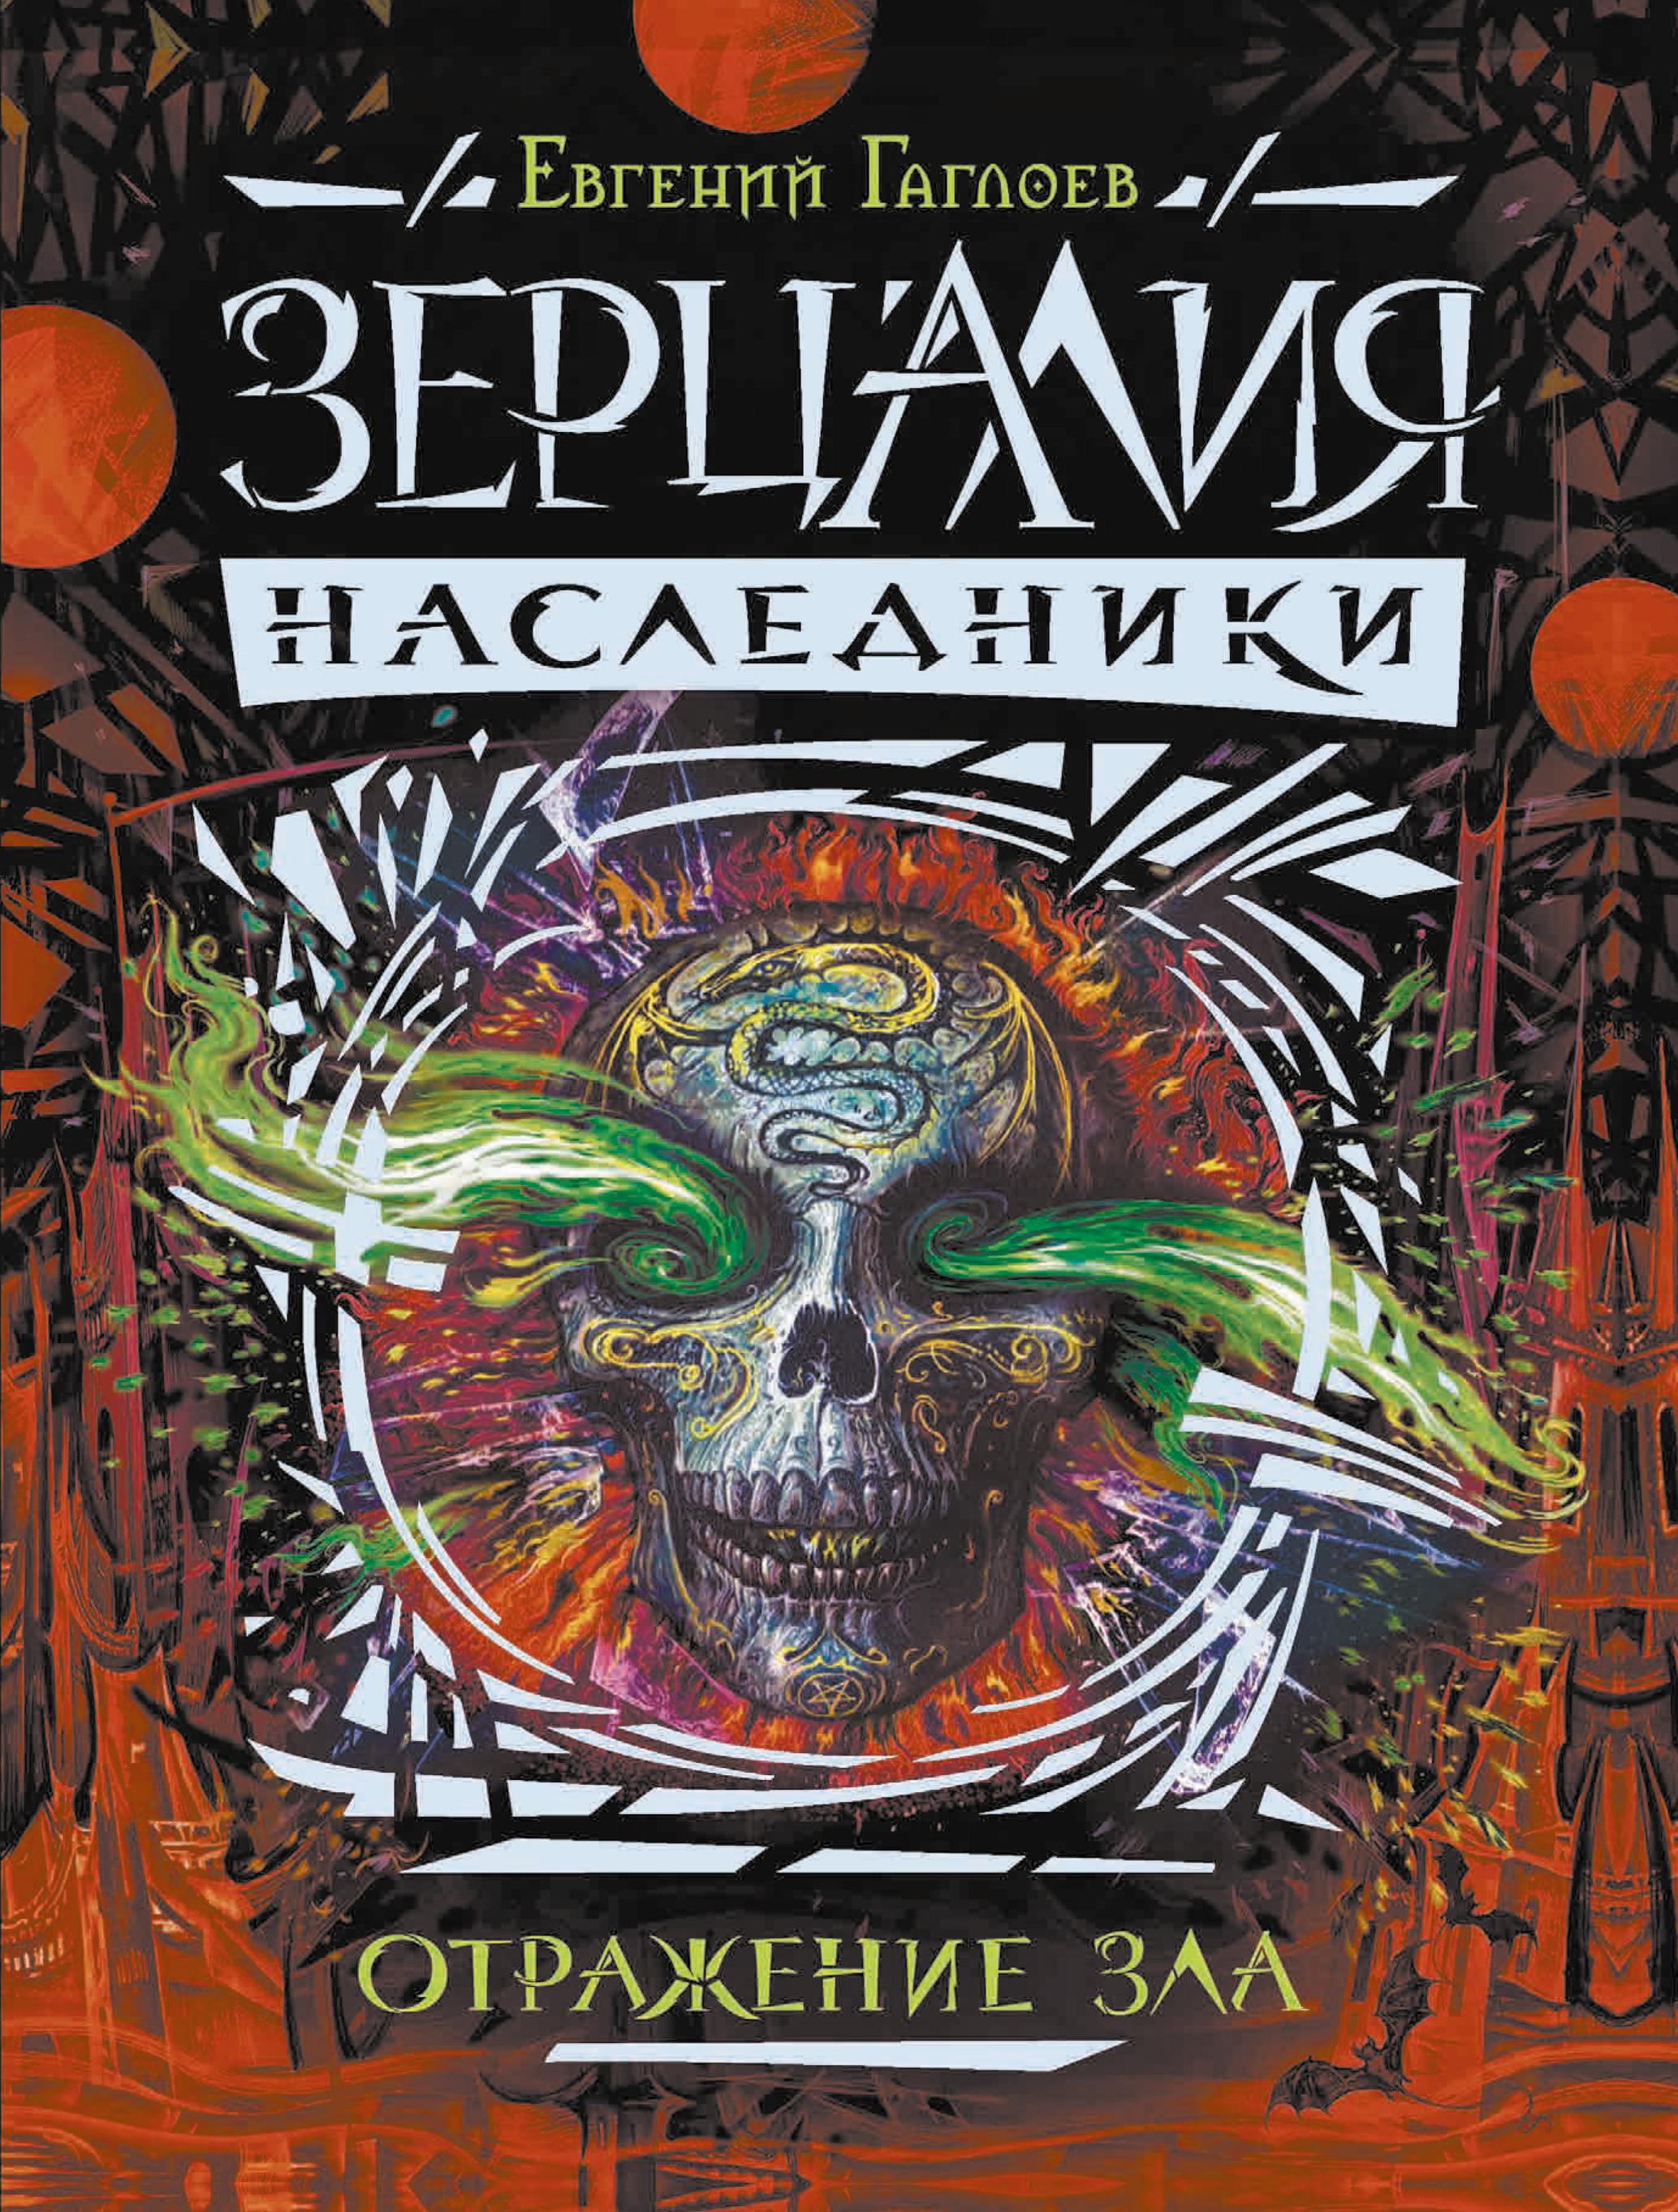 Евгений Гаглоев Отражение зла евгений гаглоев сердце дракона